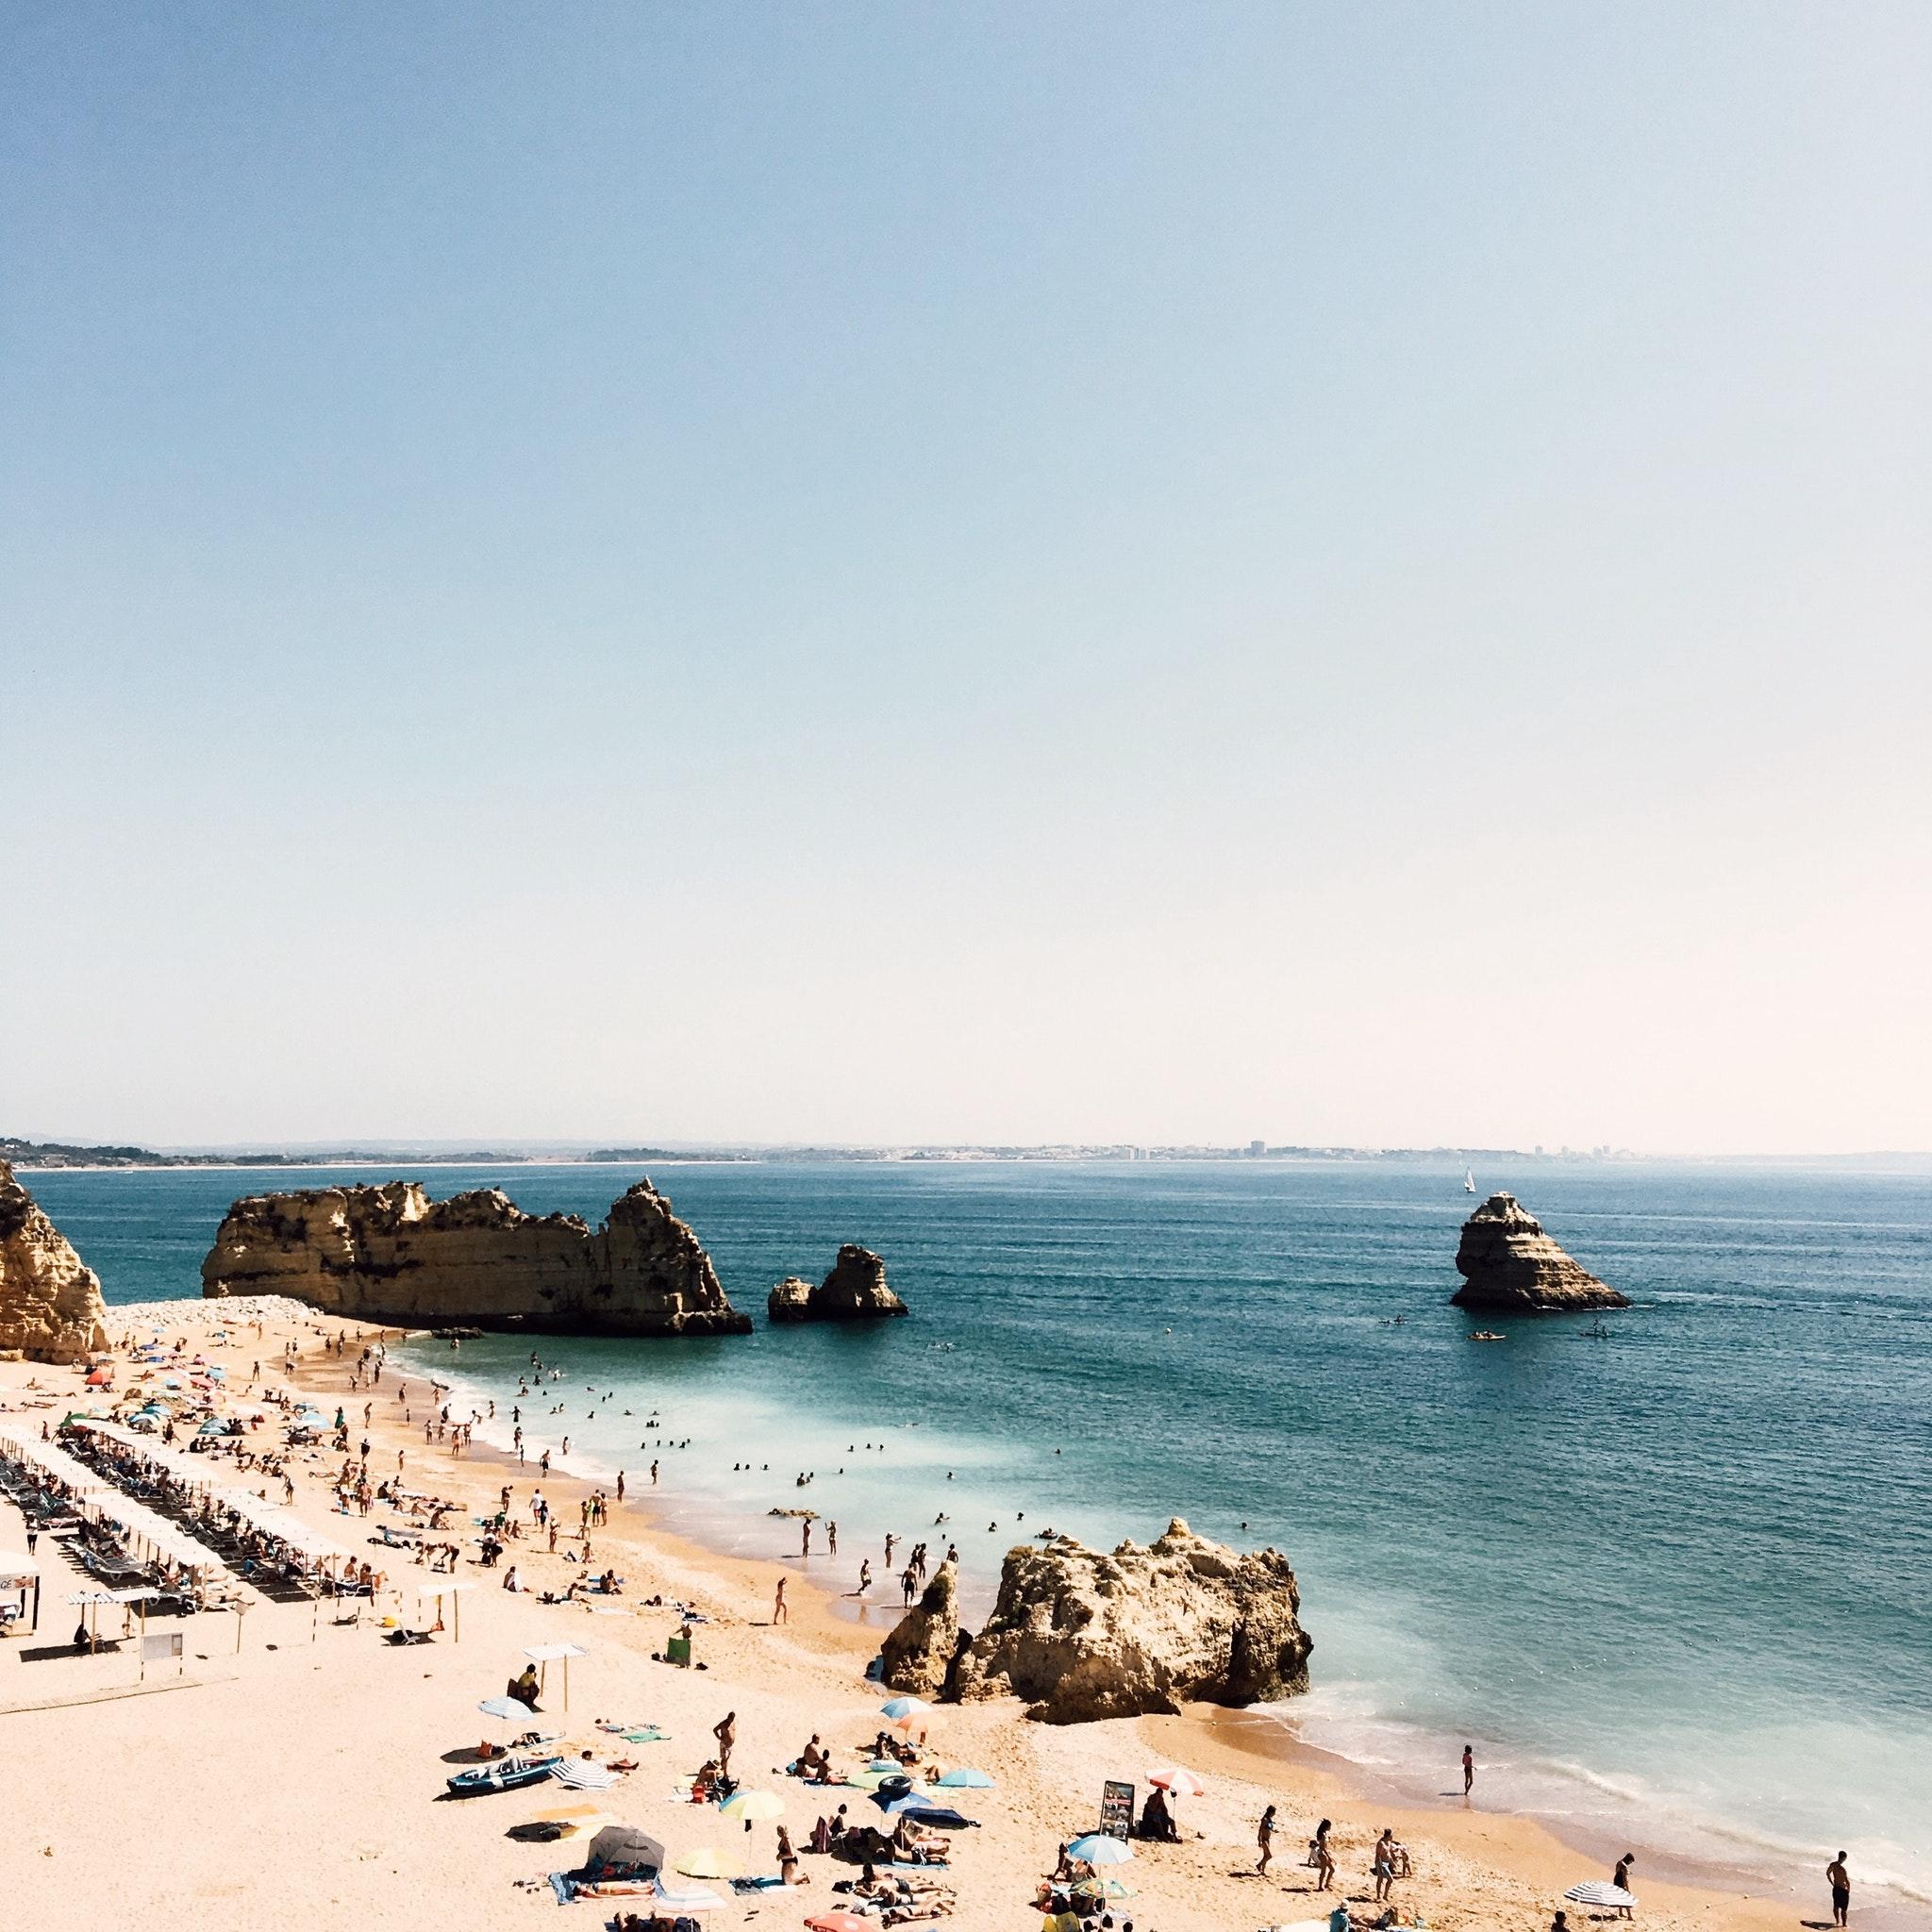 Ferienwohnung Wohnung mit 2 Schlafzimmern in Parchal mit Pool, Balkon und W-LAN - 1 km vom Strand entfer (2622202), Parchal, , Algarve, Portugal, Bild 23